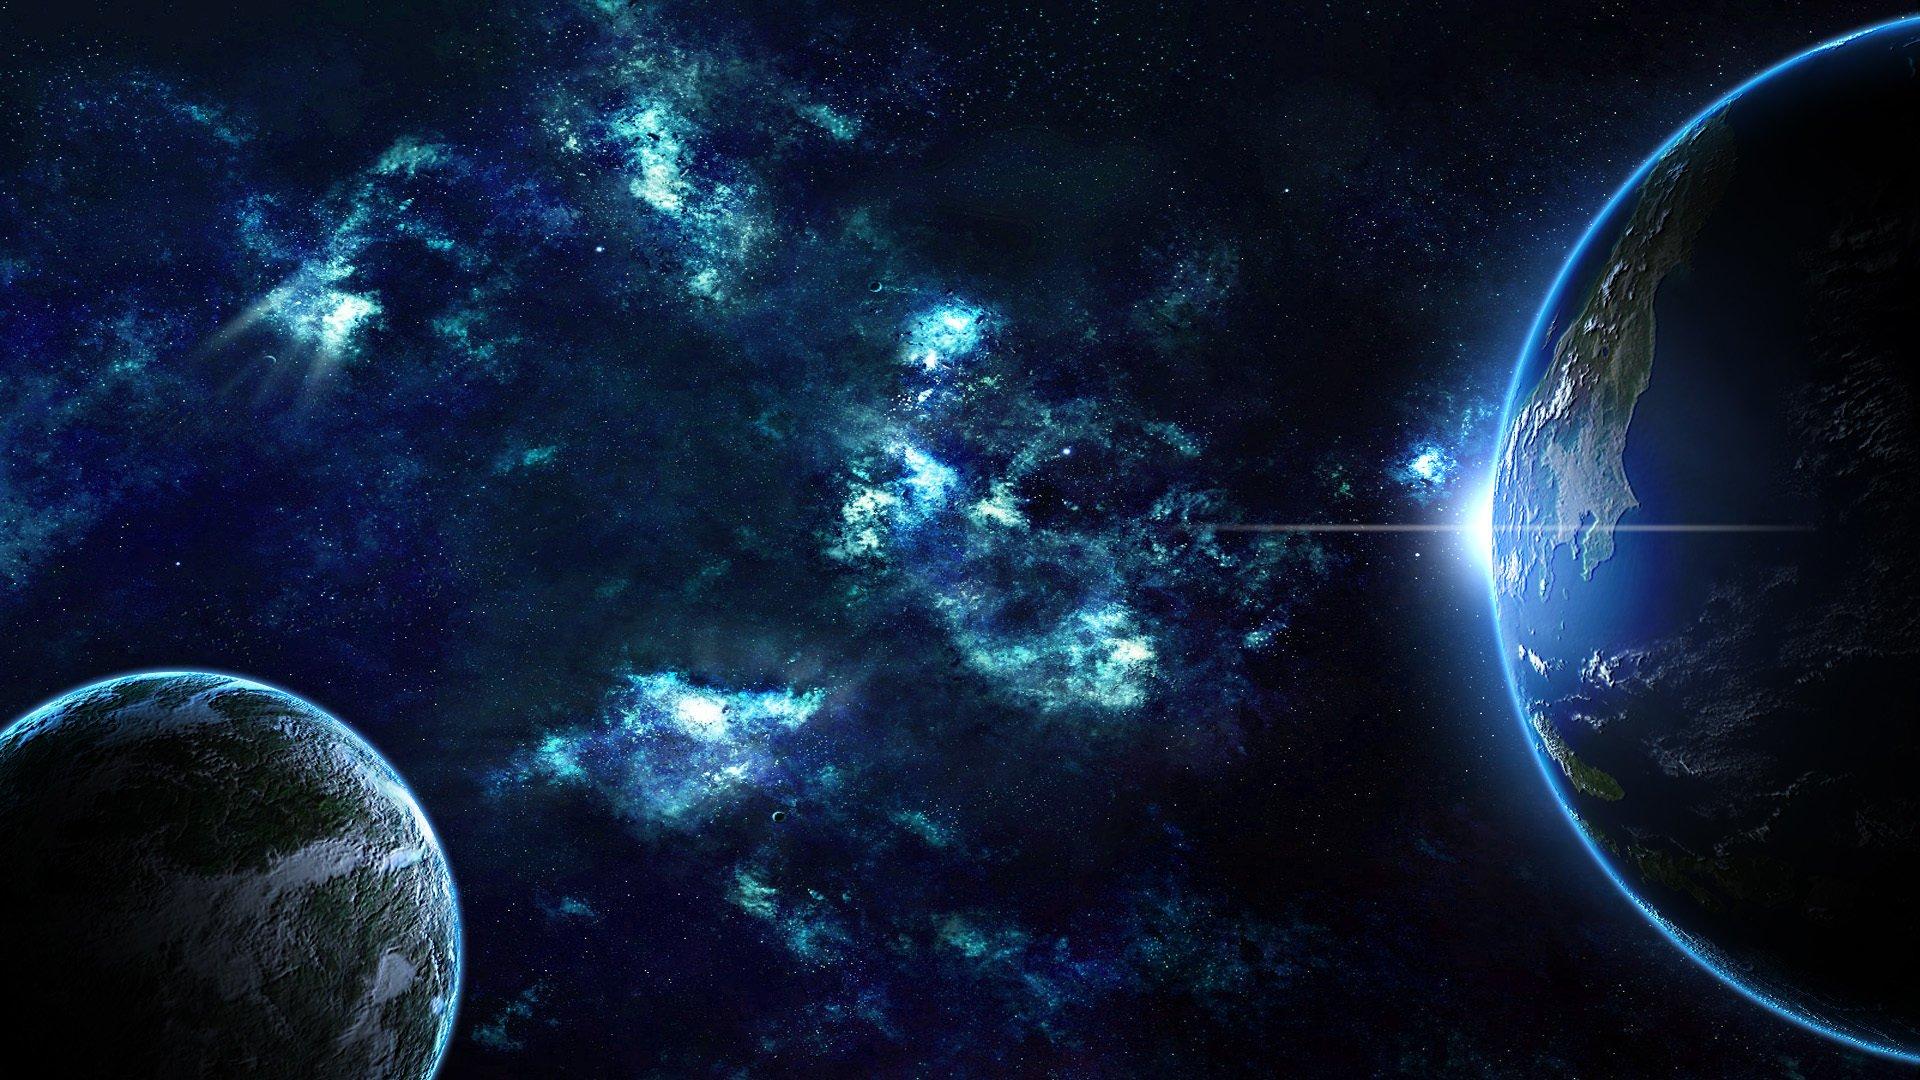 Обои Восход на орбите картинки на рабочий стол на тему Космос - скачать загрузить